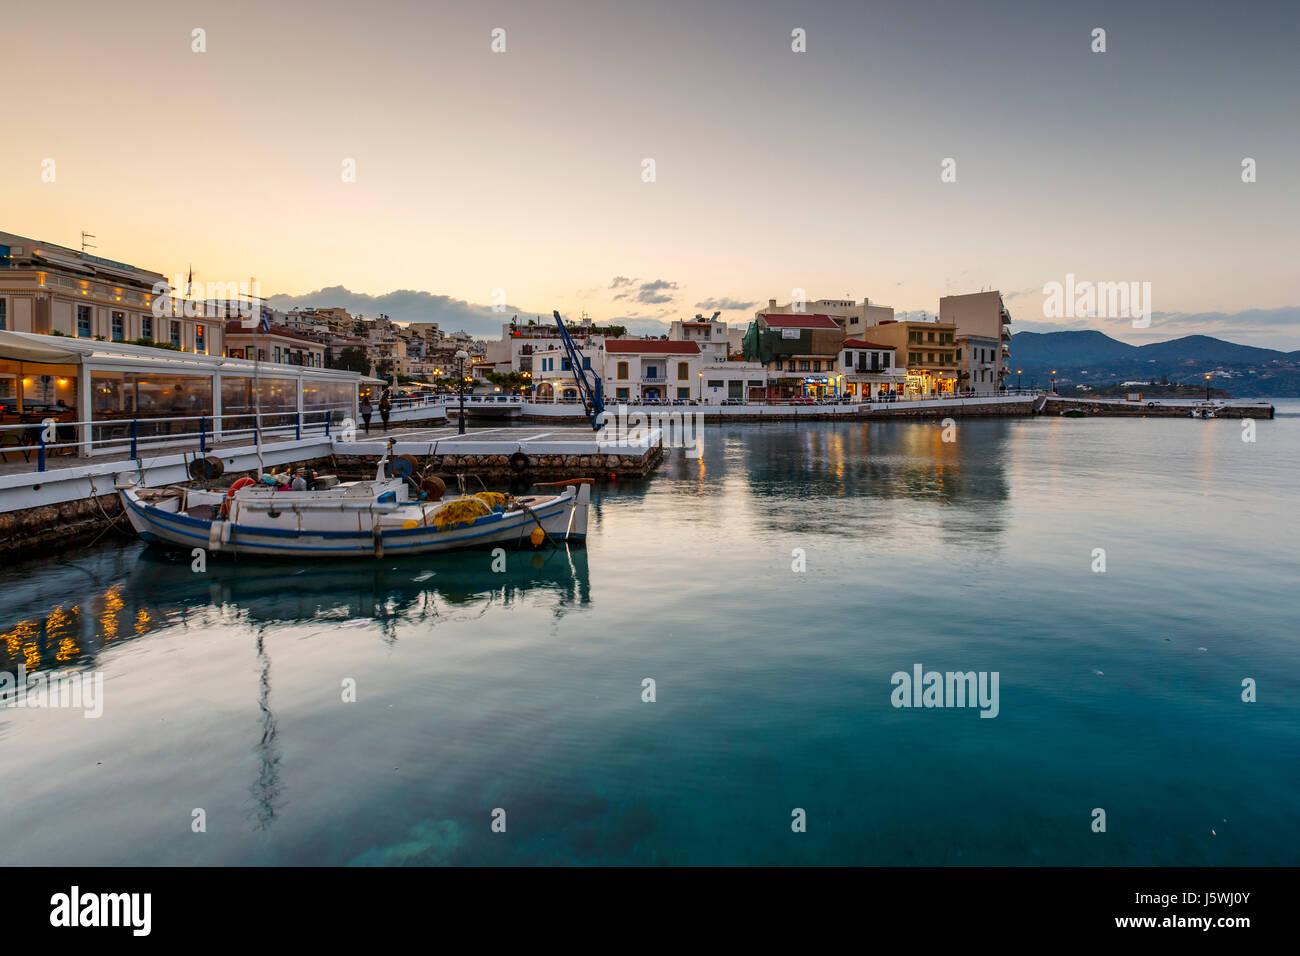 Voir la soirée des agios Nikolaos et de son port, Crète, Grèce. Photo Stock